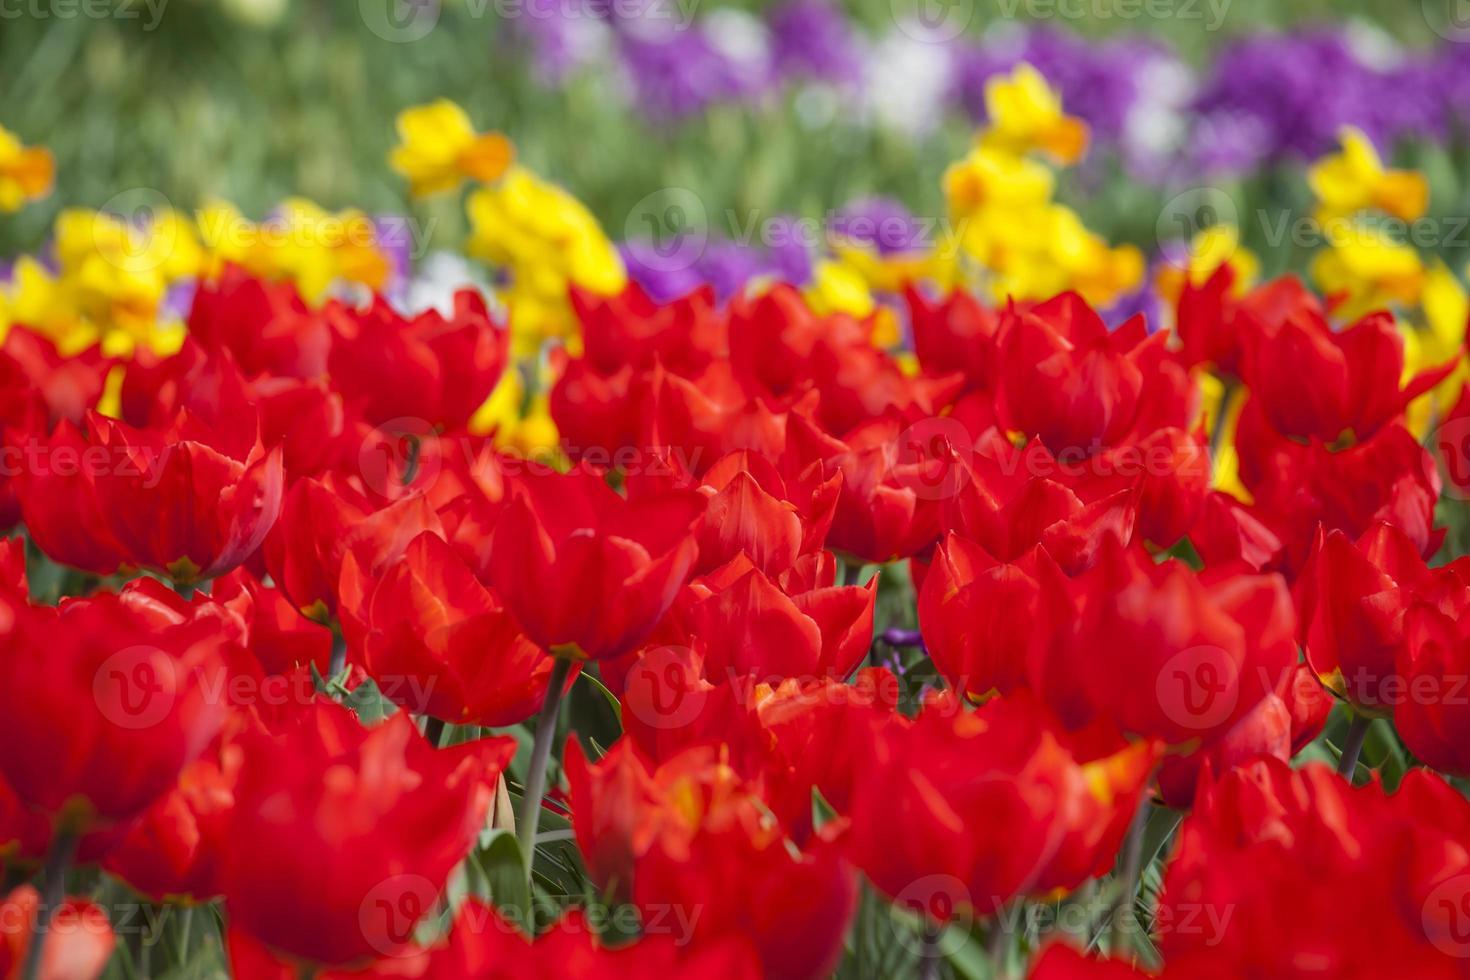 los florecientes tulipanes rojos foto